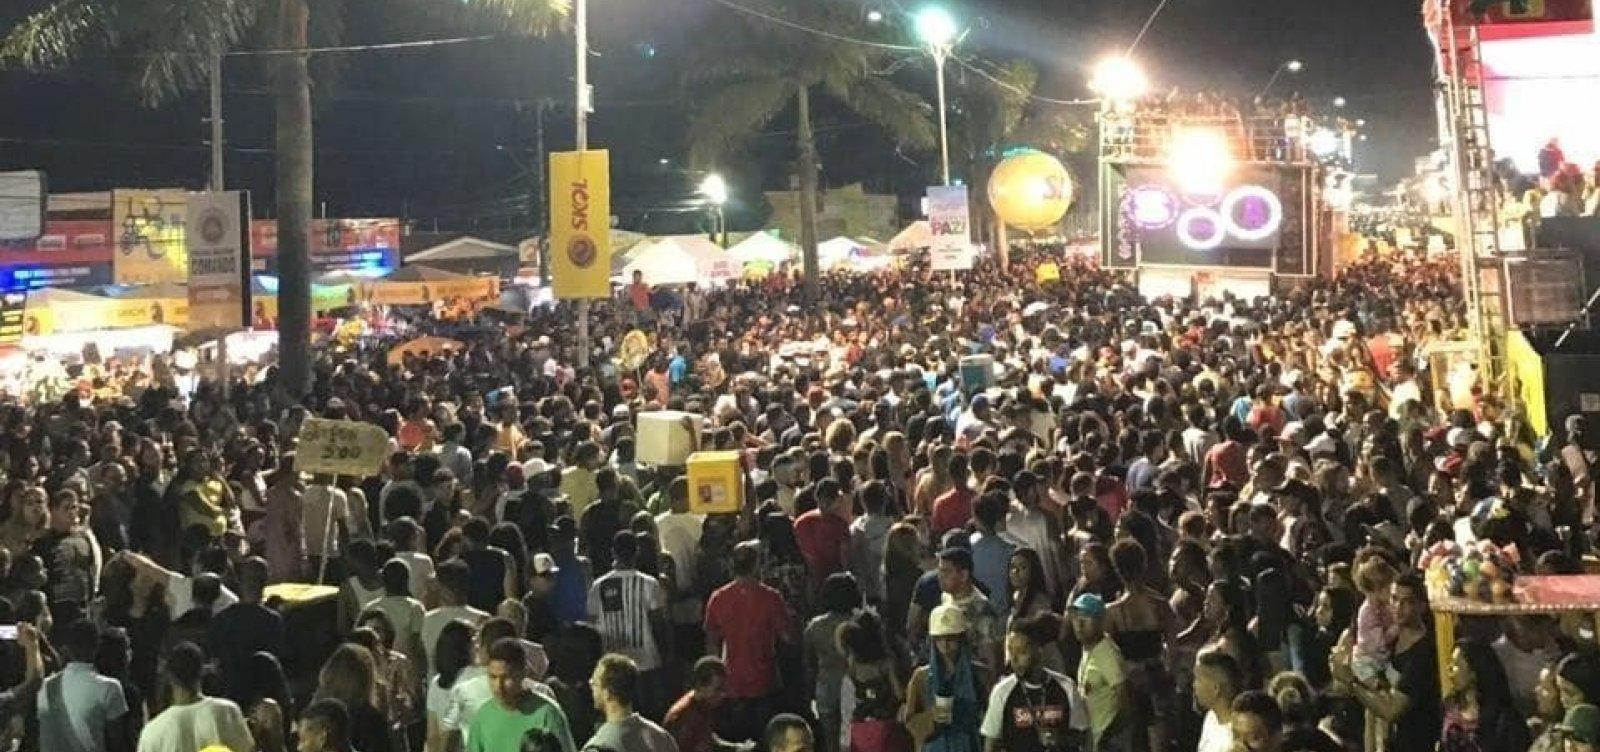 Feira de Santana: prefeitura anuncia suspensão de micareta em abril devido à Covid-19